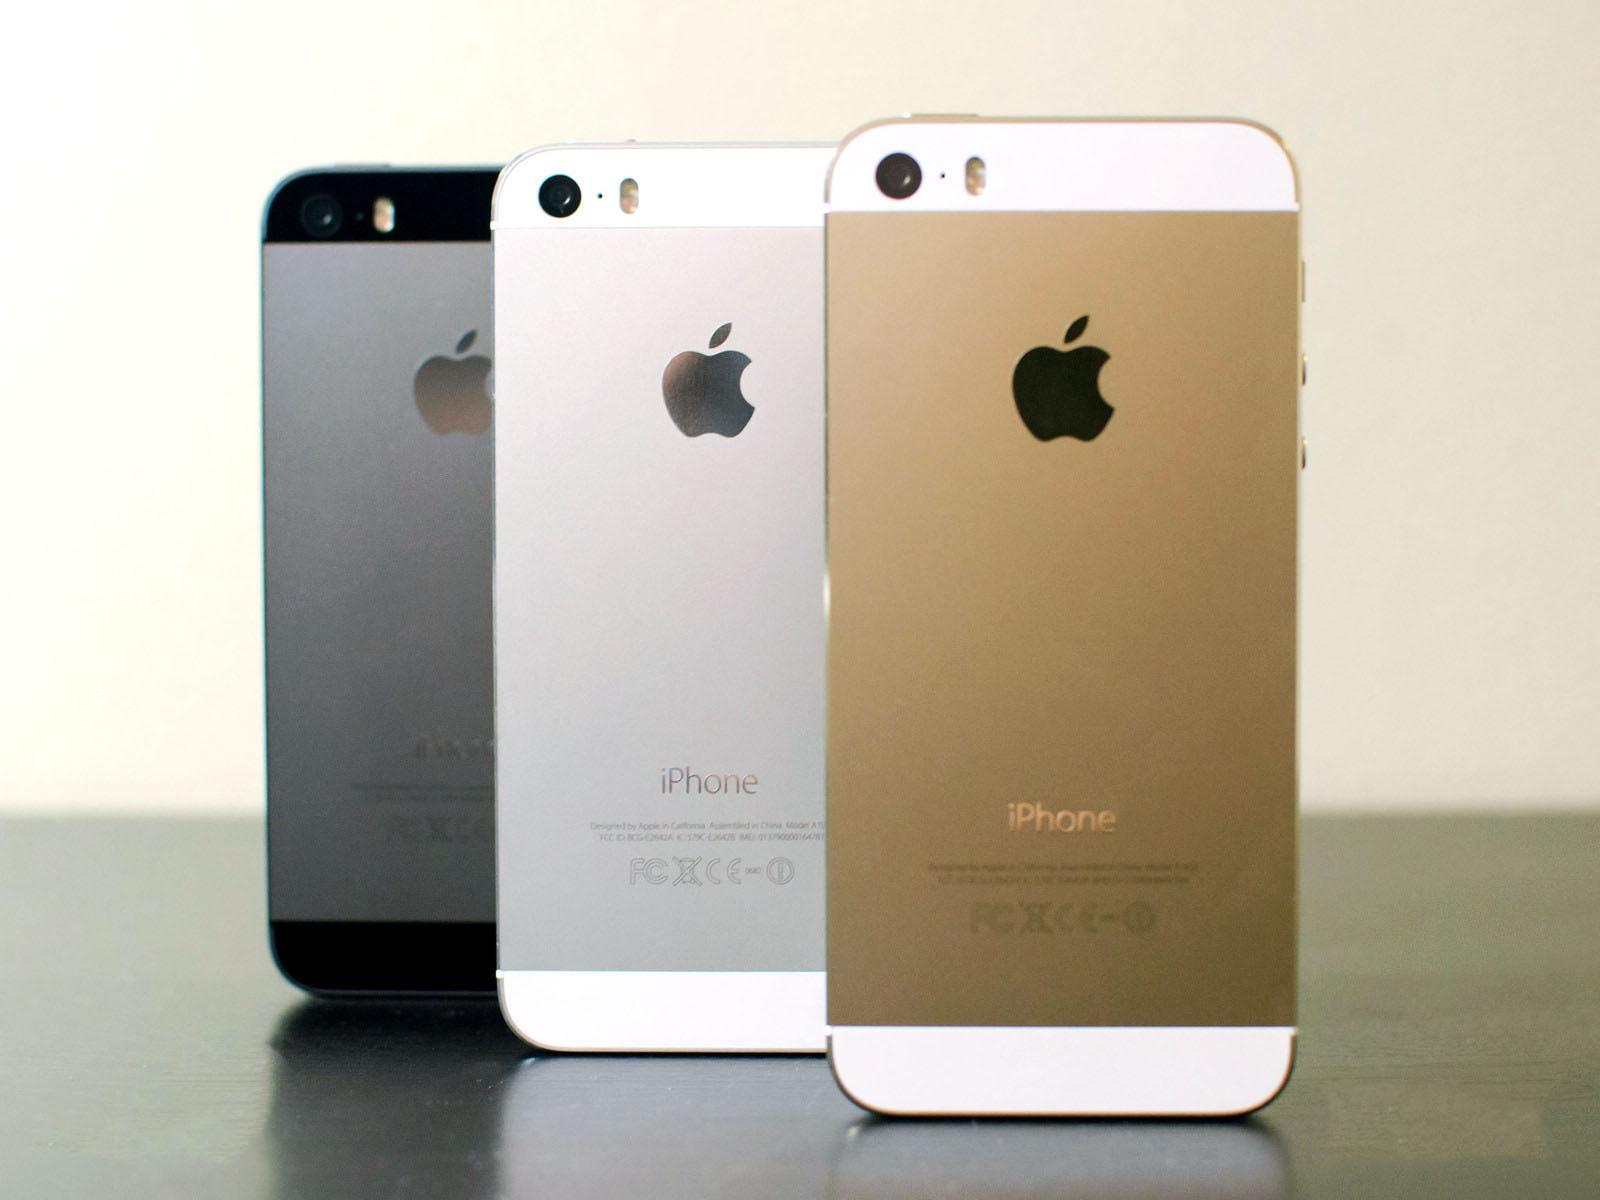 айфон 5 s фото все цвета фото